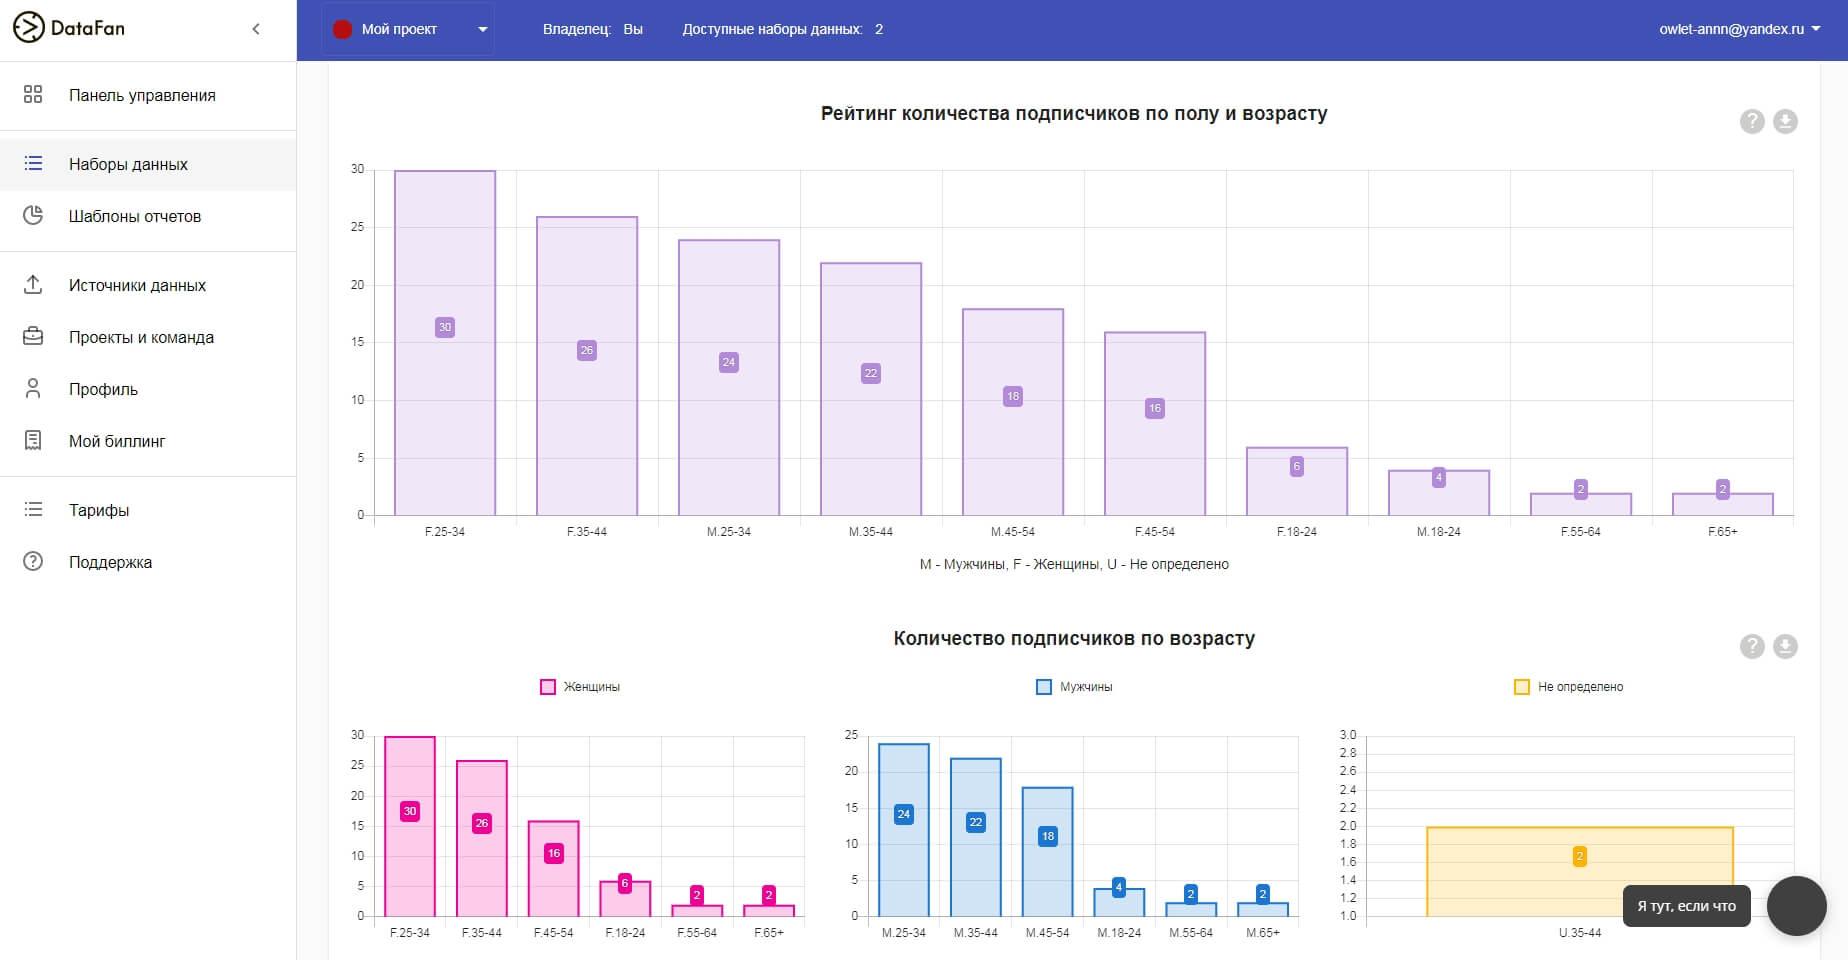 Графики наглядно показывают, на какую аудиторию лучше ориентироваться, выбирая, в какое время постить в Инстаграм